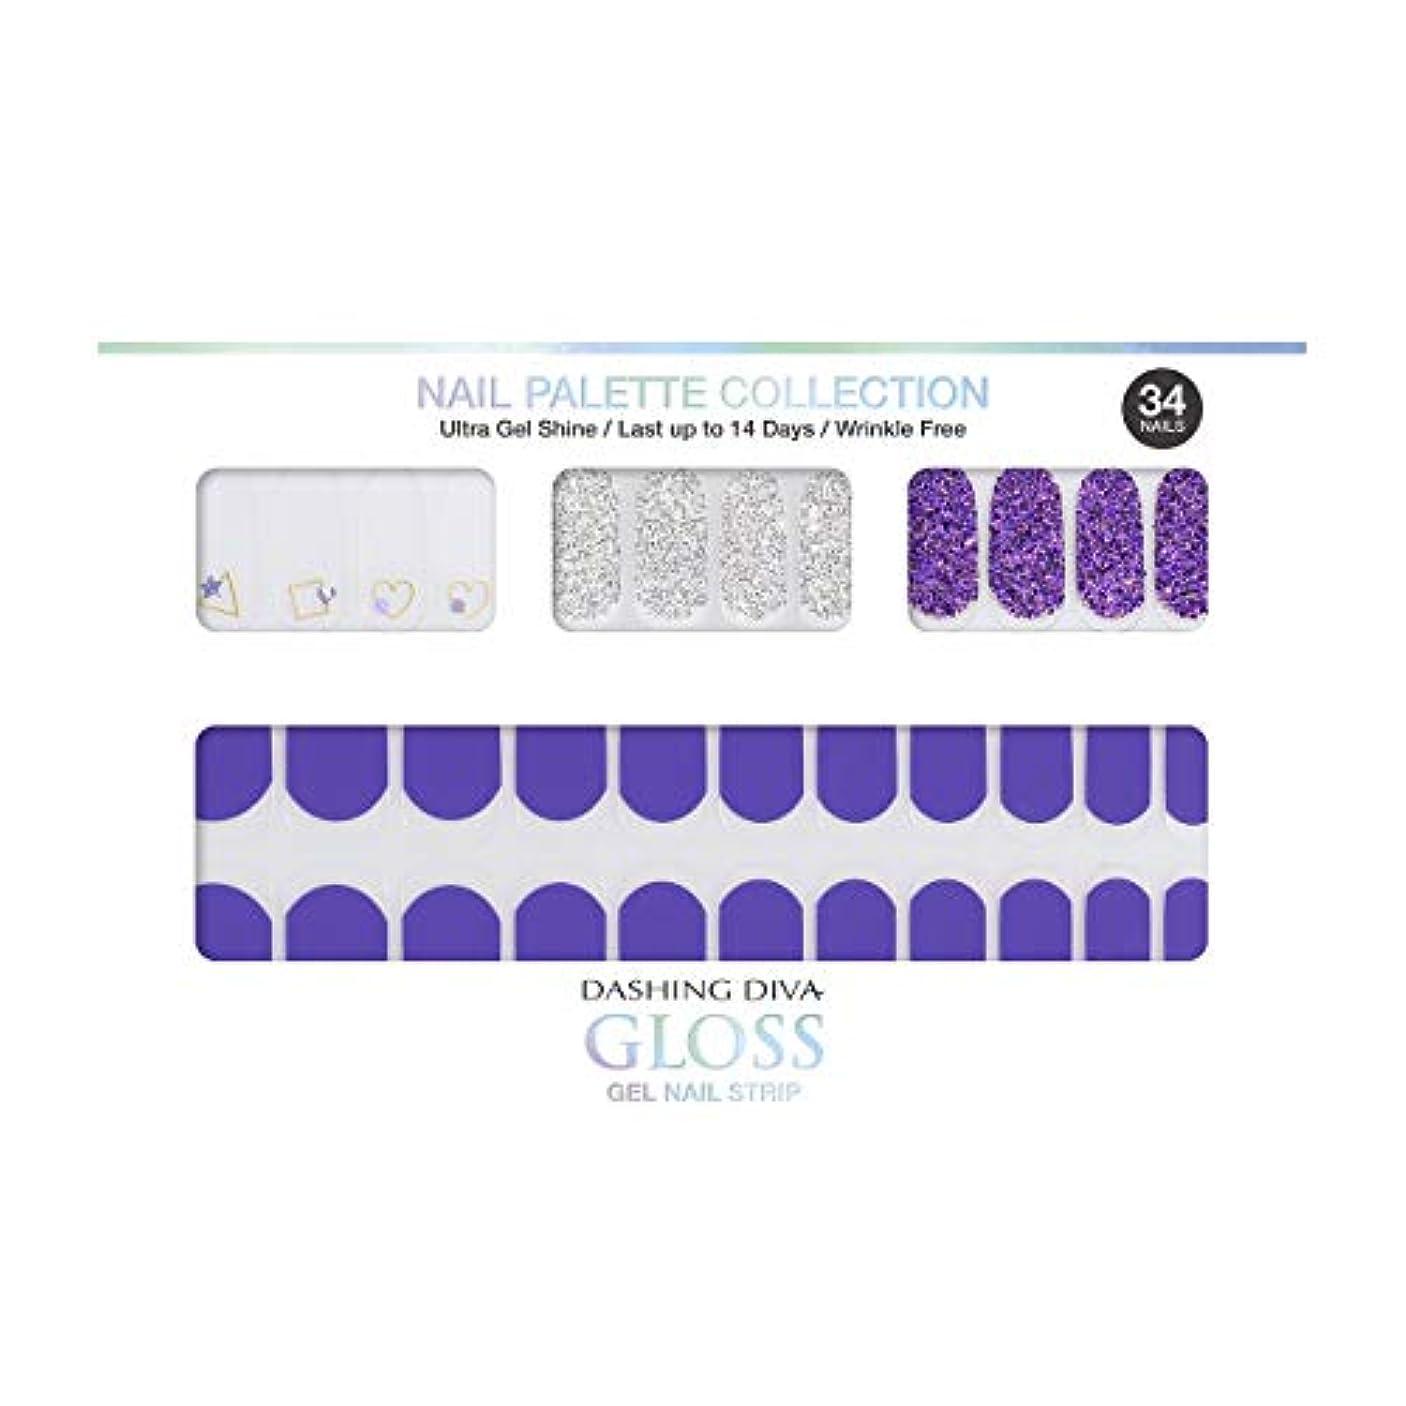 方法医学ズボンダッシングディバ グロスジェル ネイルストリップ DASHING DIVA Gloss Gel Nail Strip DGNP11-DURY+ オリジナルジェル ネイルシール Ice #11 Frozen Grape